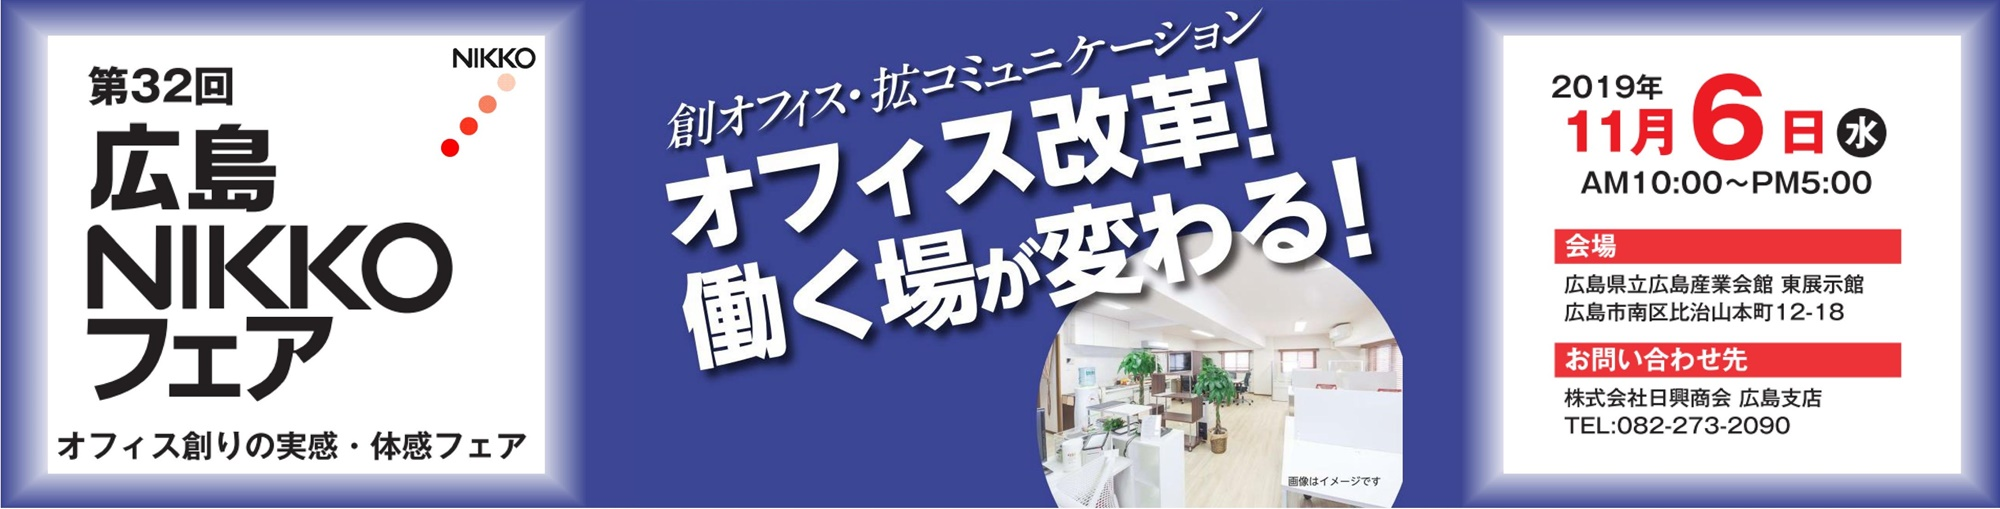 第32回 広島NIKKOフェア